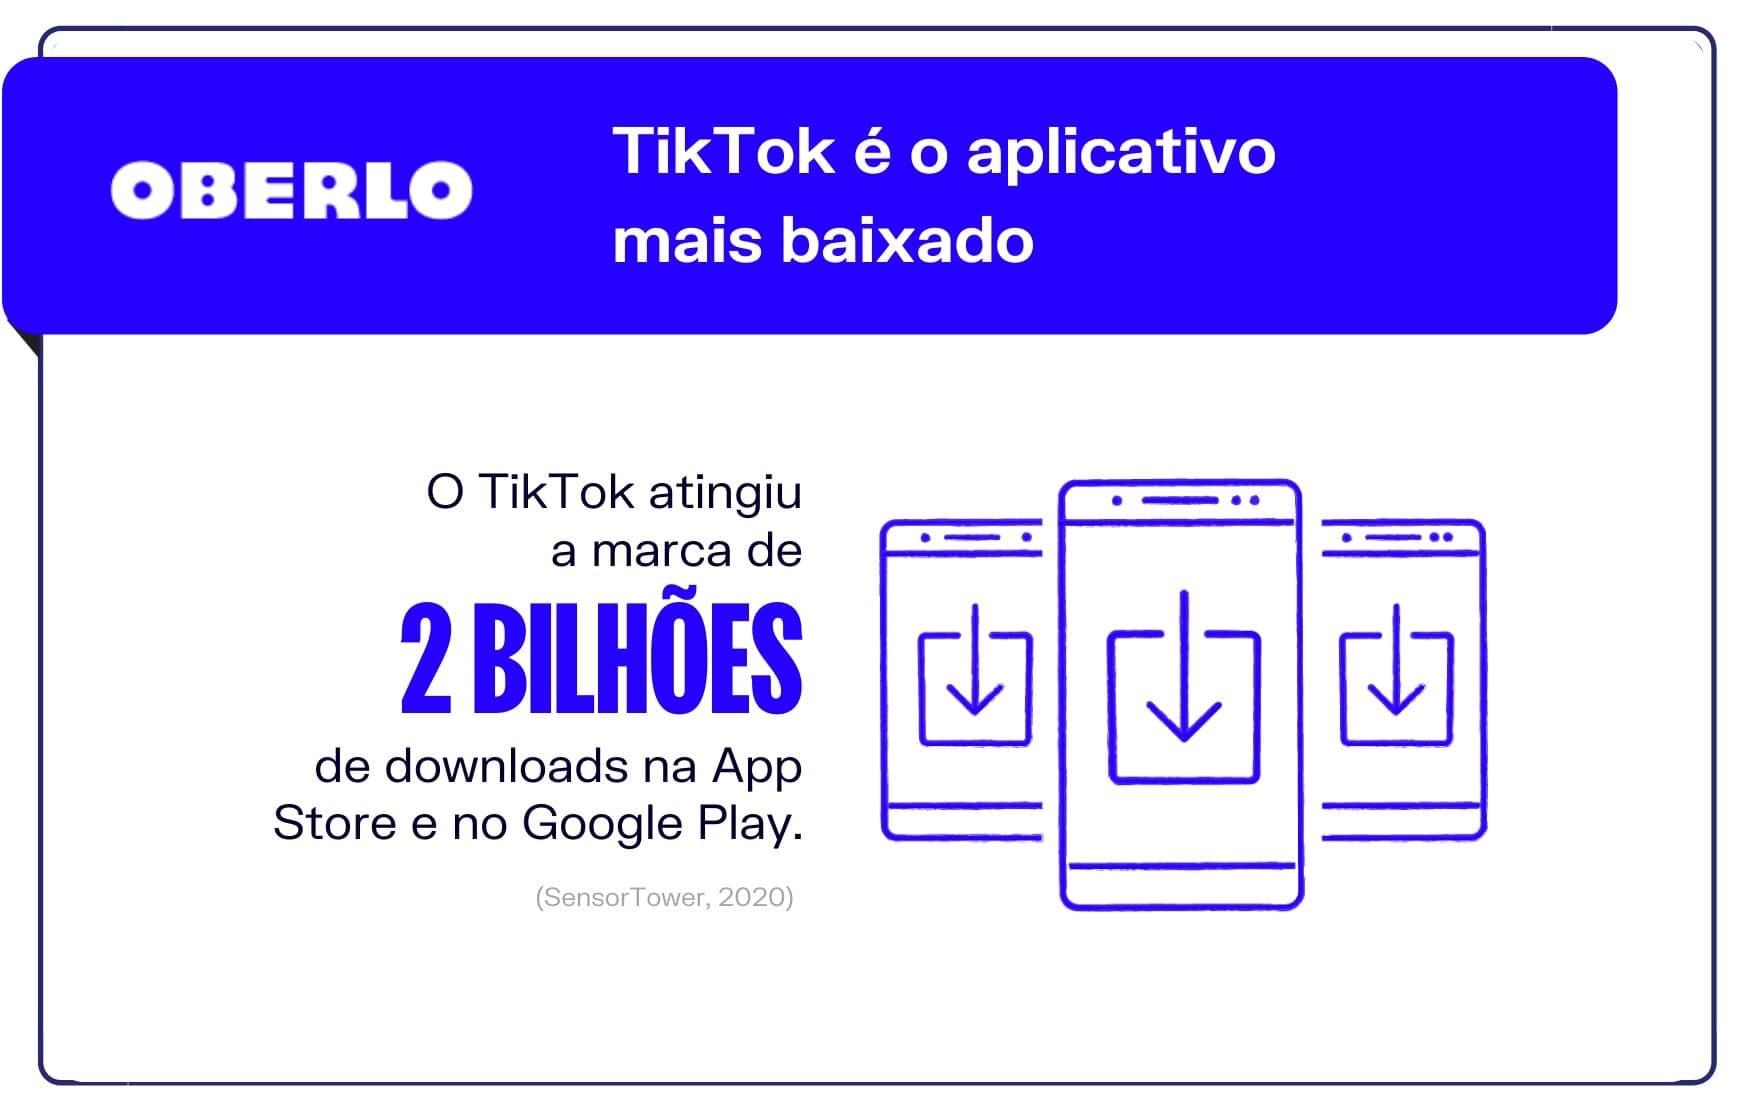 TikTok é o aplicativo mais baixado